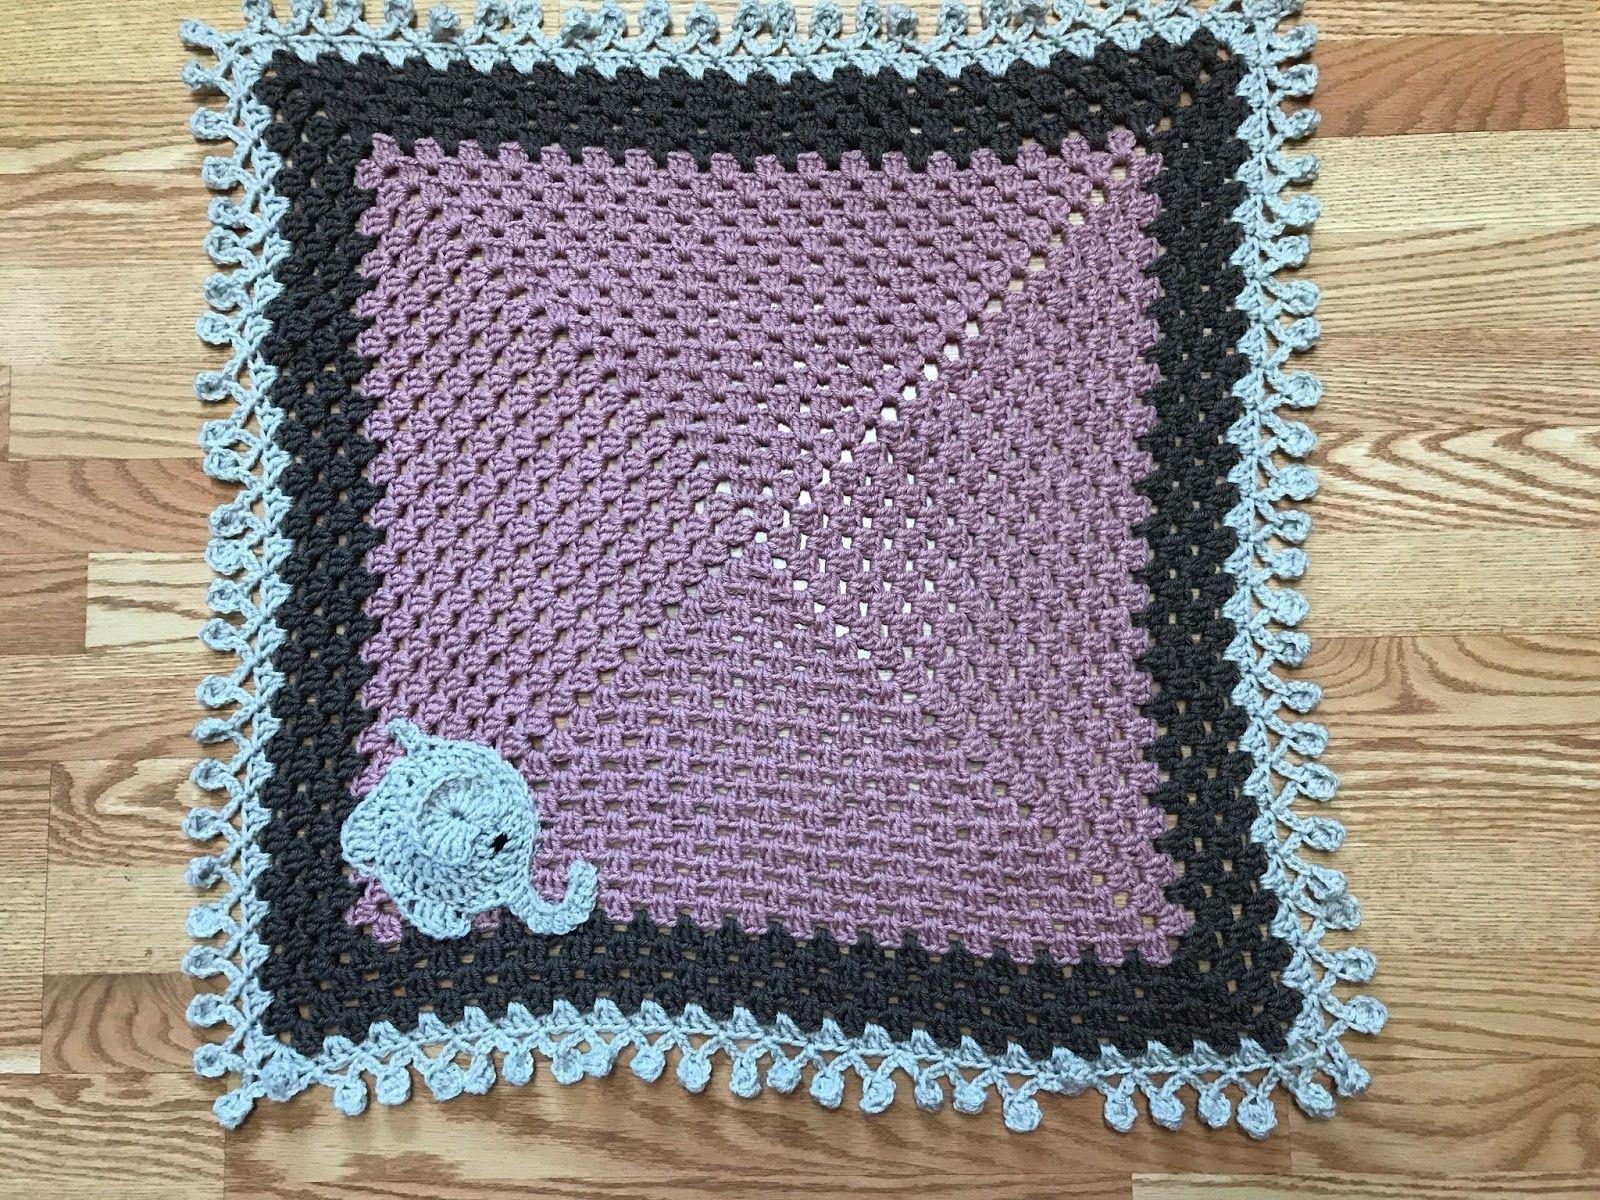 27+ Inspired Photo of Crochet Elephant Blanket Pattern Free #crochetelephantpattern 27+ Inspired Photo of Crochet Elephant Blanket Pattern Free - vanessaharding.com #crochetelephantpattern